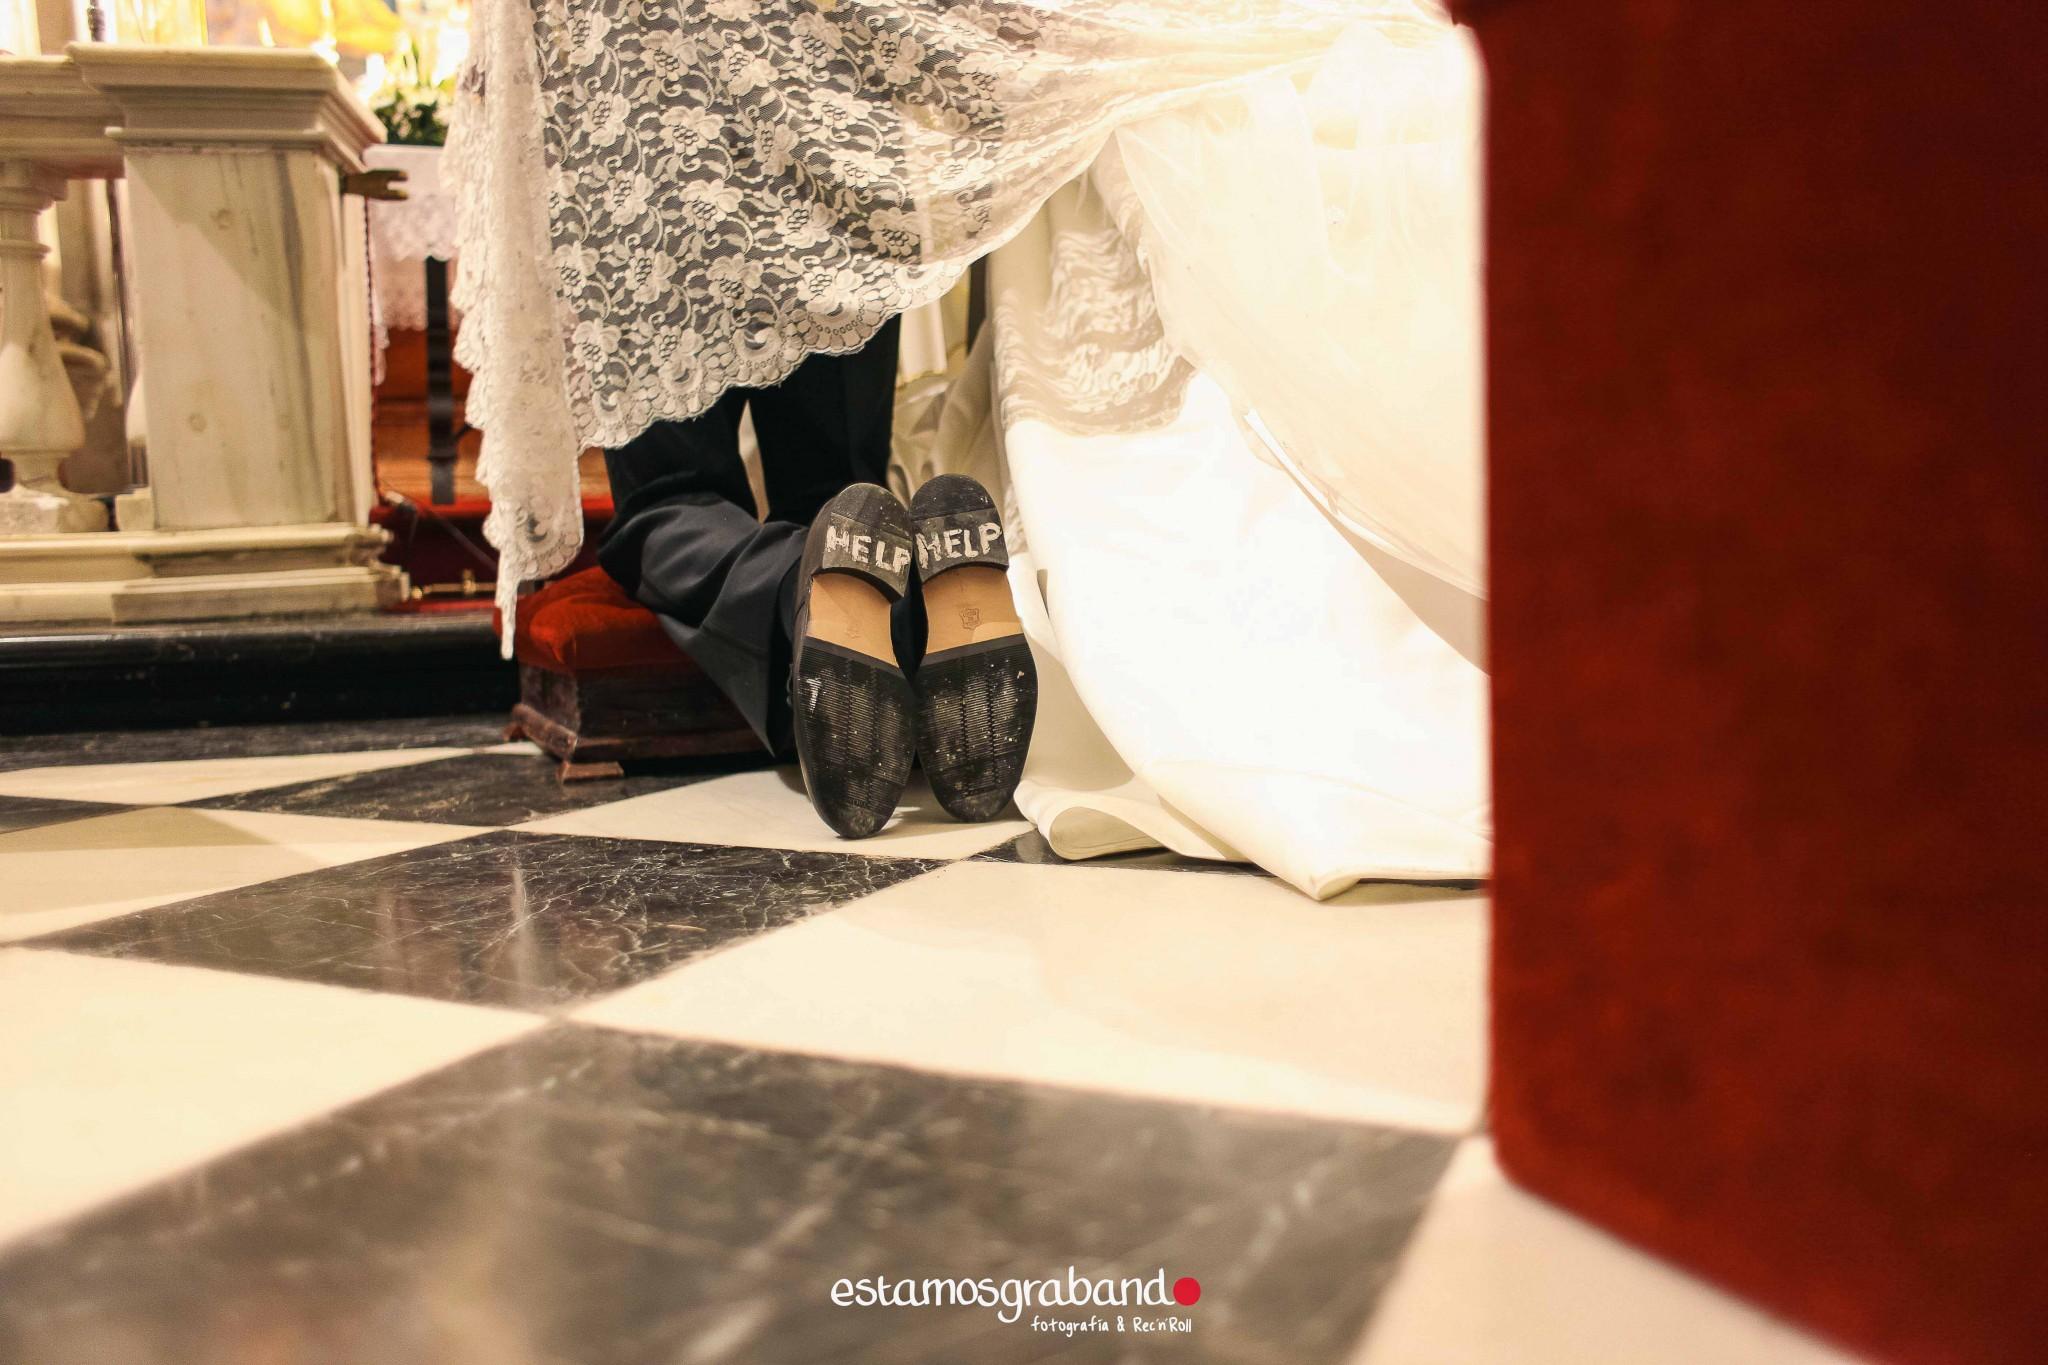 amparo-agustin_fotografia-boda_boda-jaen_jaen-fotografia-bodas_reportaje-boda_reportaje-boda-jaen_fotos-boda_fotos-jaen-24 ¡Alto ahi! [Boda Amparo & Agustín_Fotografía de bodas en Jaén] - video boda cadiz